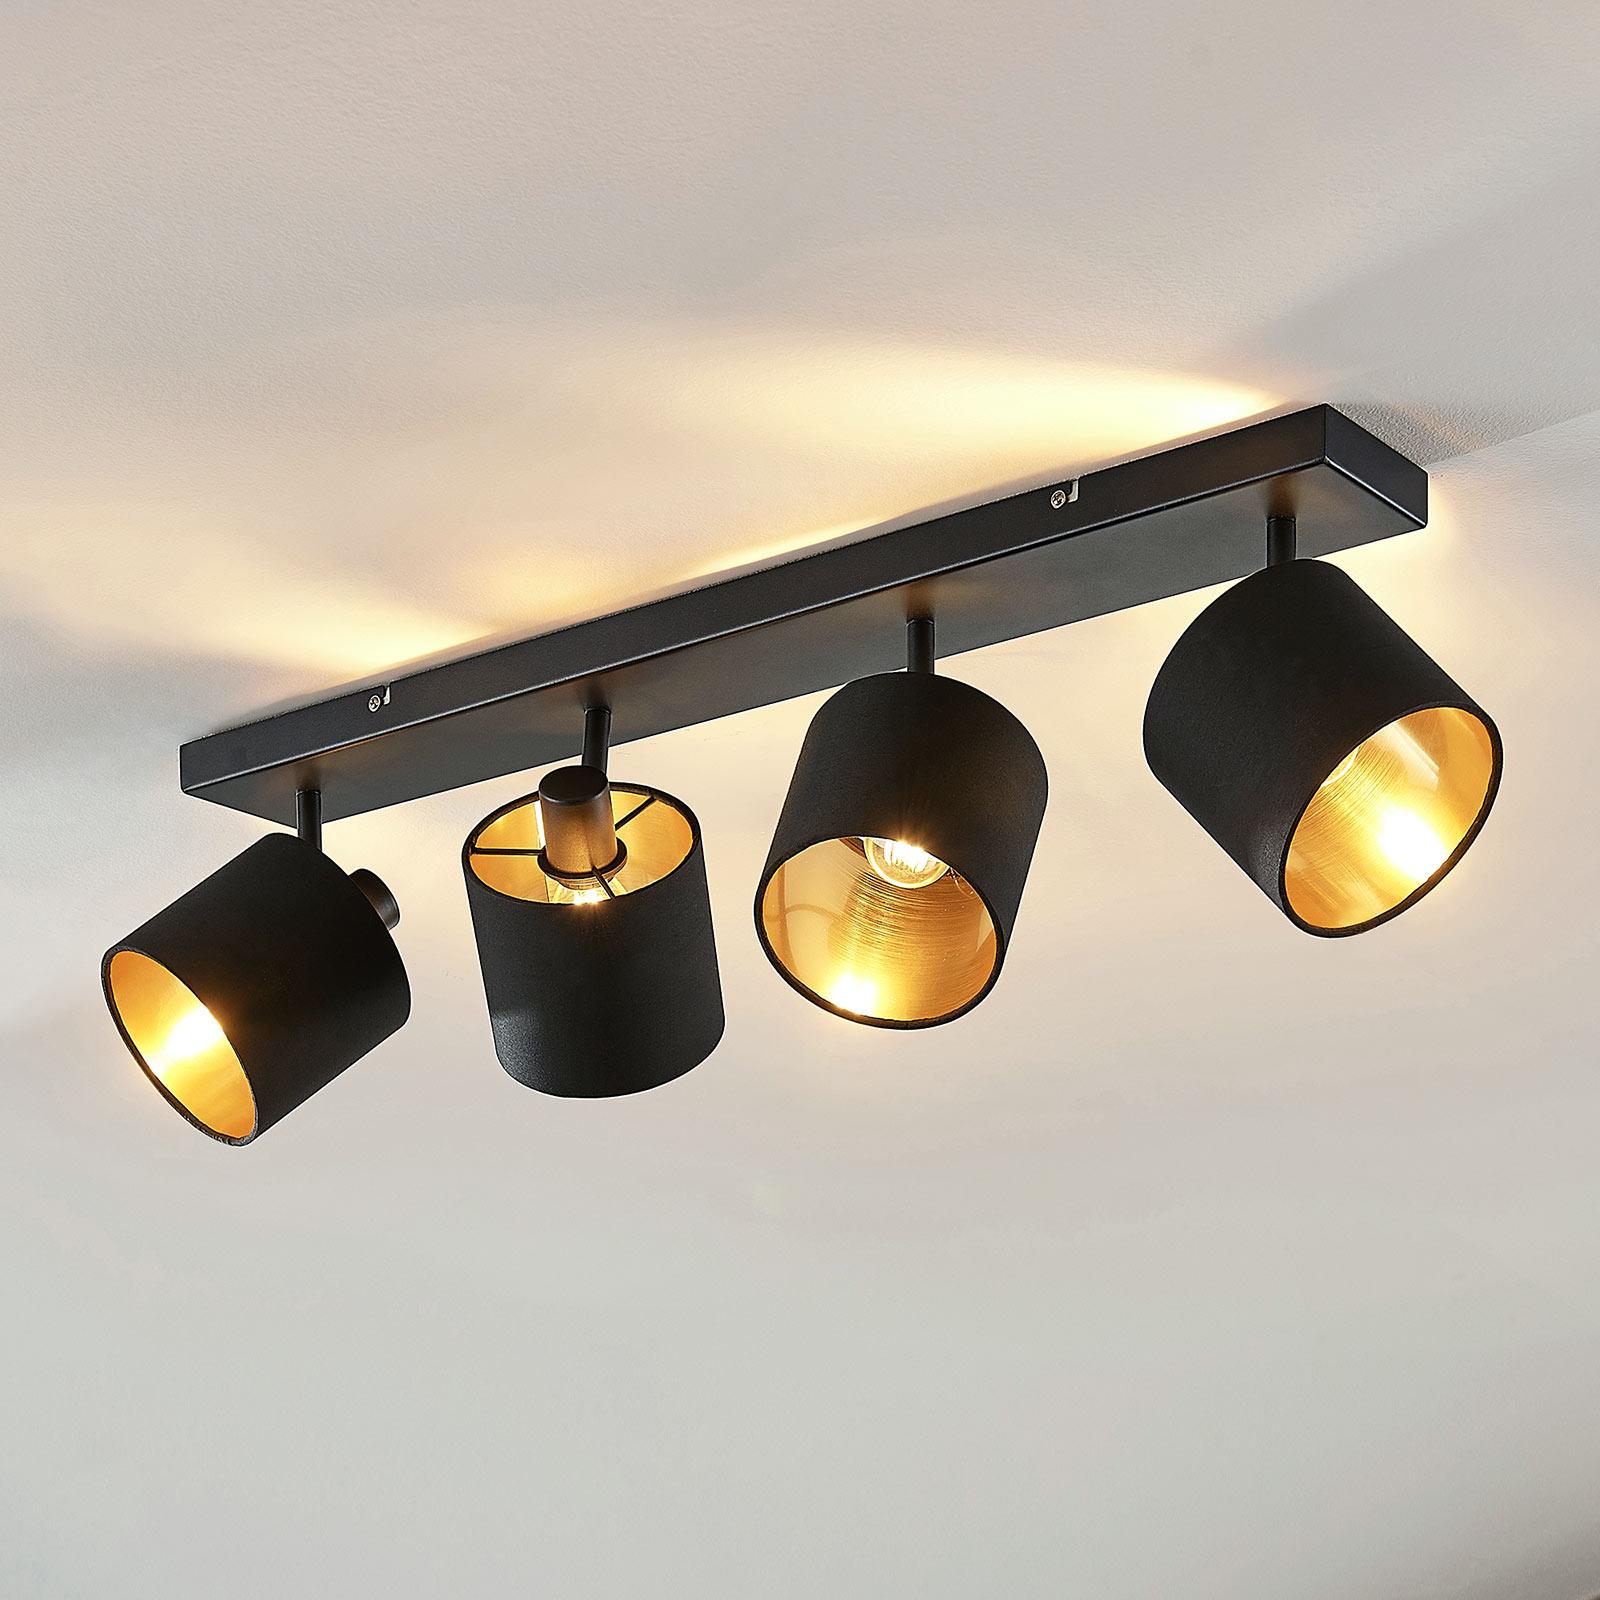 Stoffen plafondlamp Vasilia zwart-goud, 4-lamps